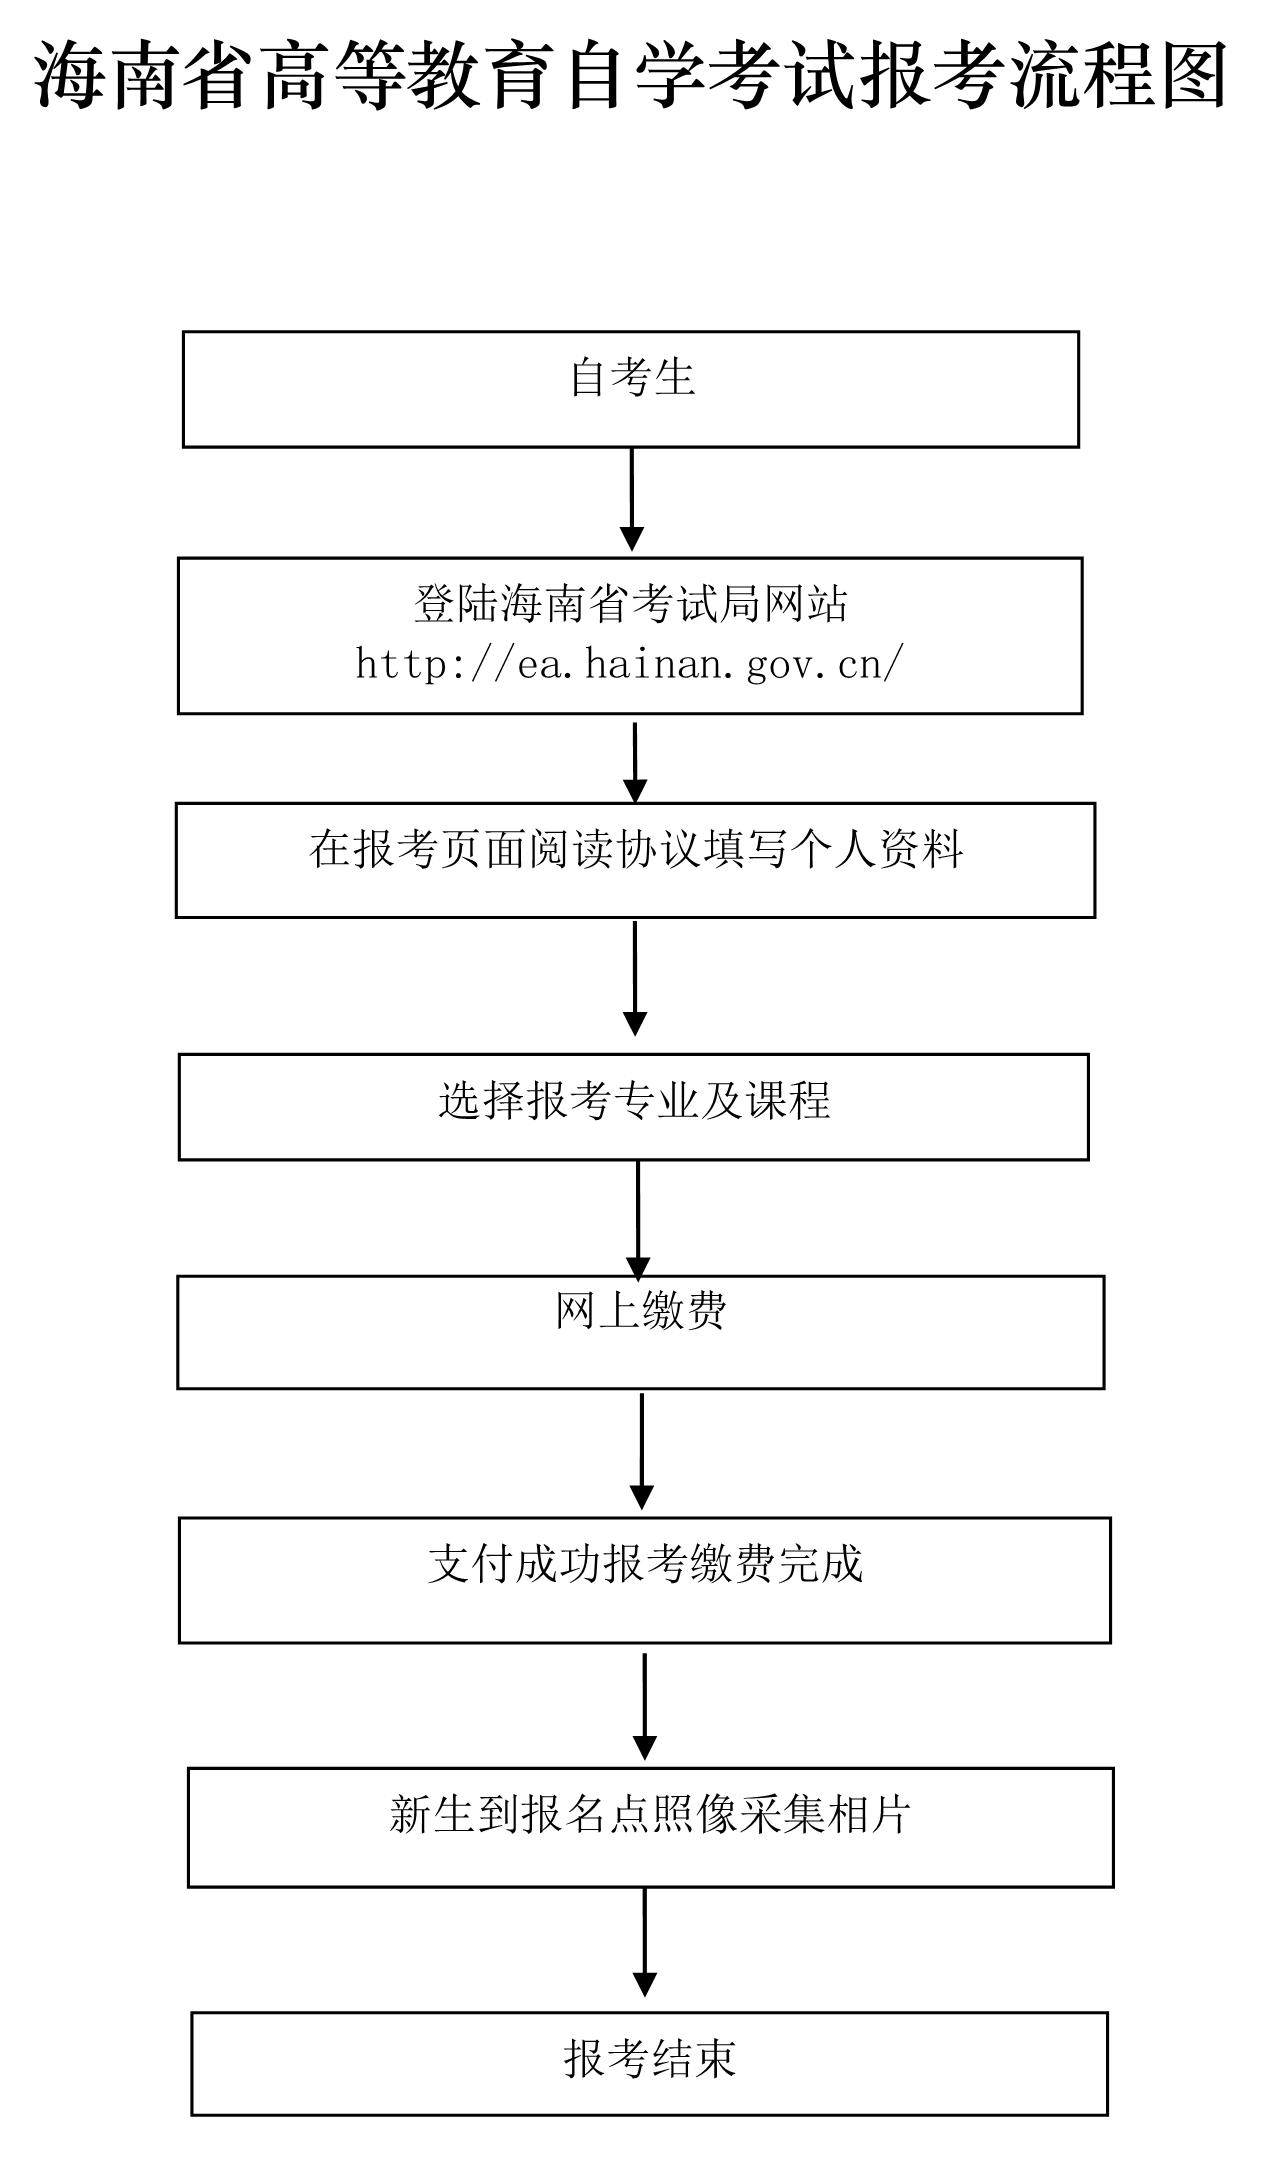 2021年10月海南网上自考报名流程